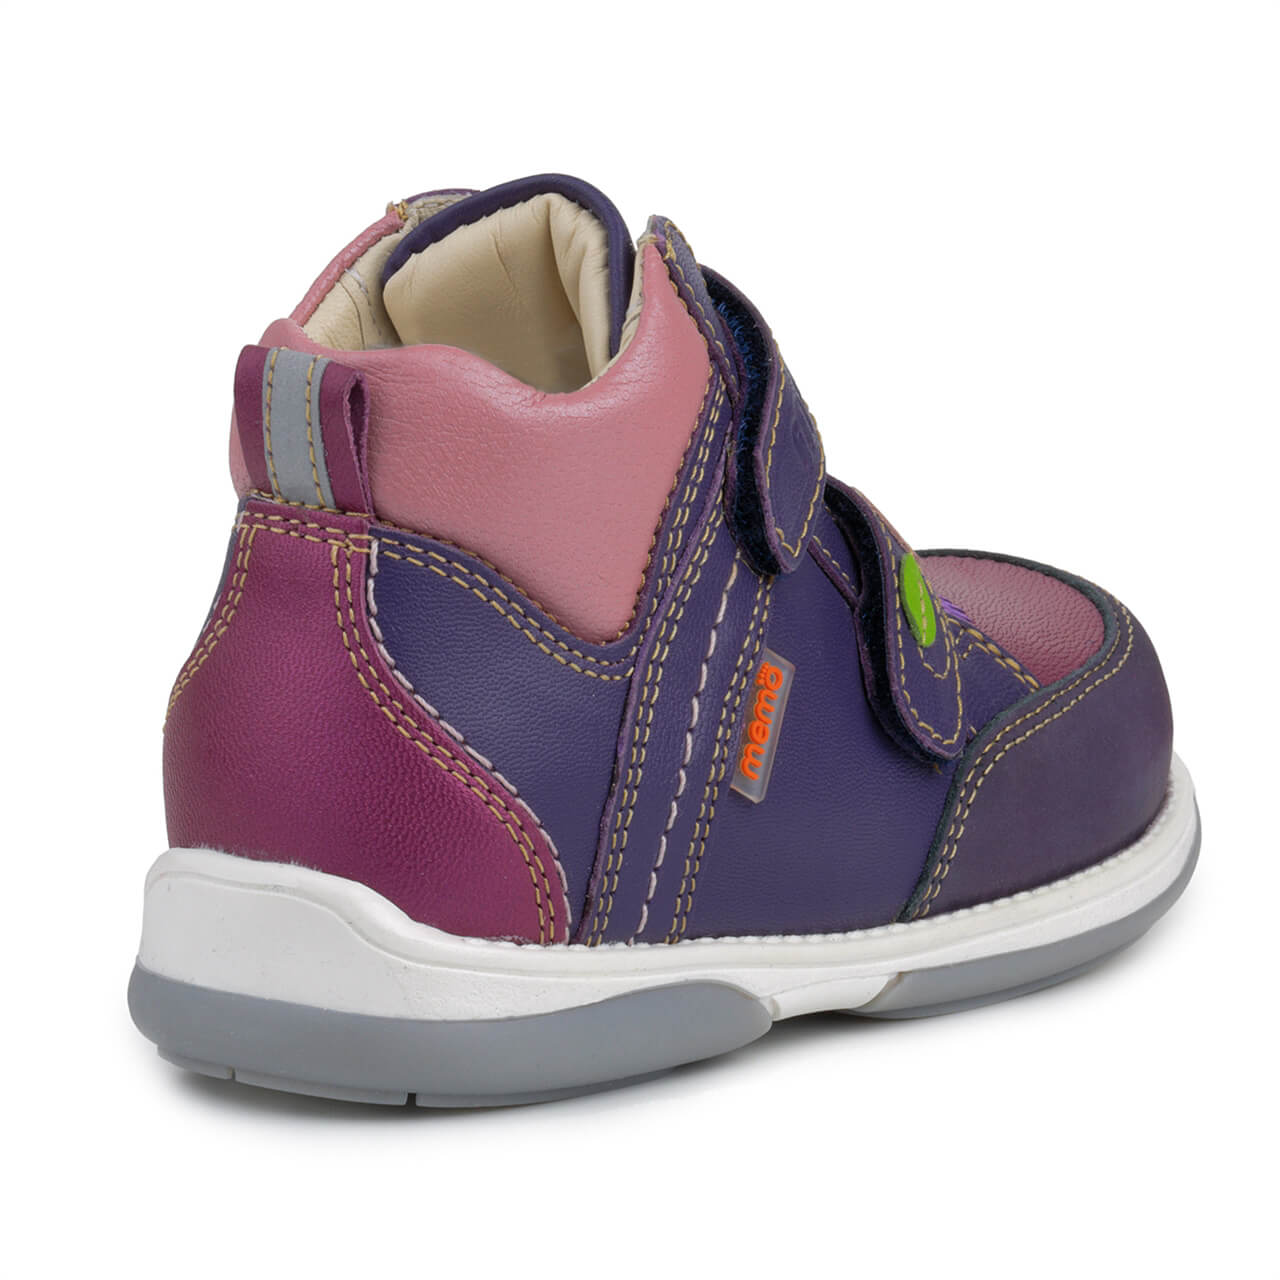 ... Memo Polo Junior 3JE Фіолетові Ортопедичні кросівки для дітей (р.22-31)  ... 1e818996aff74